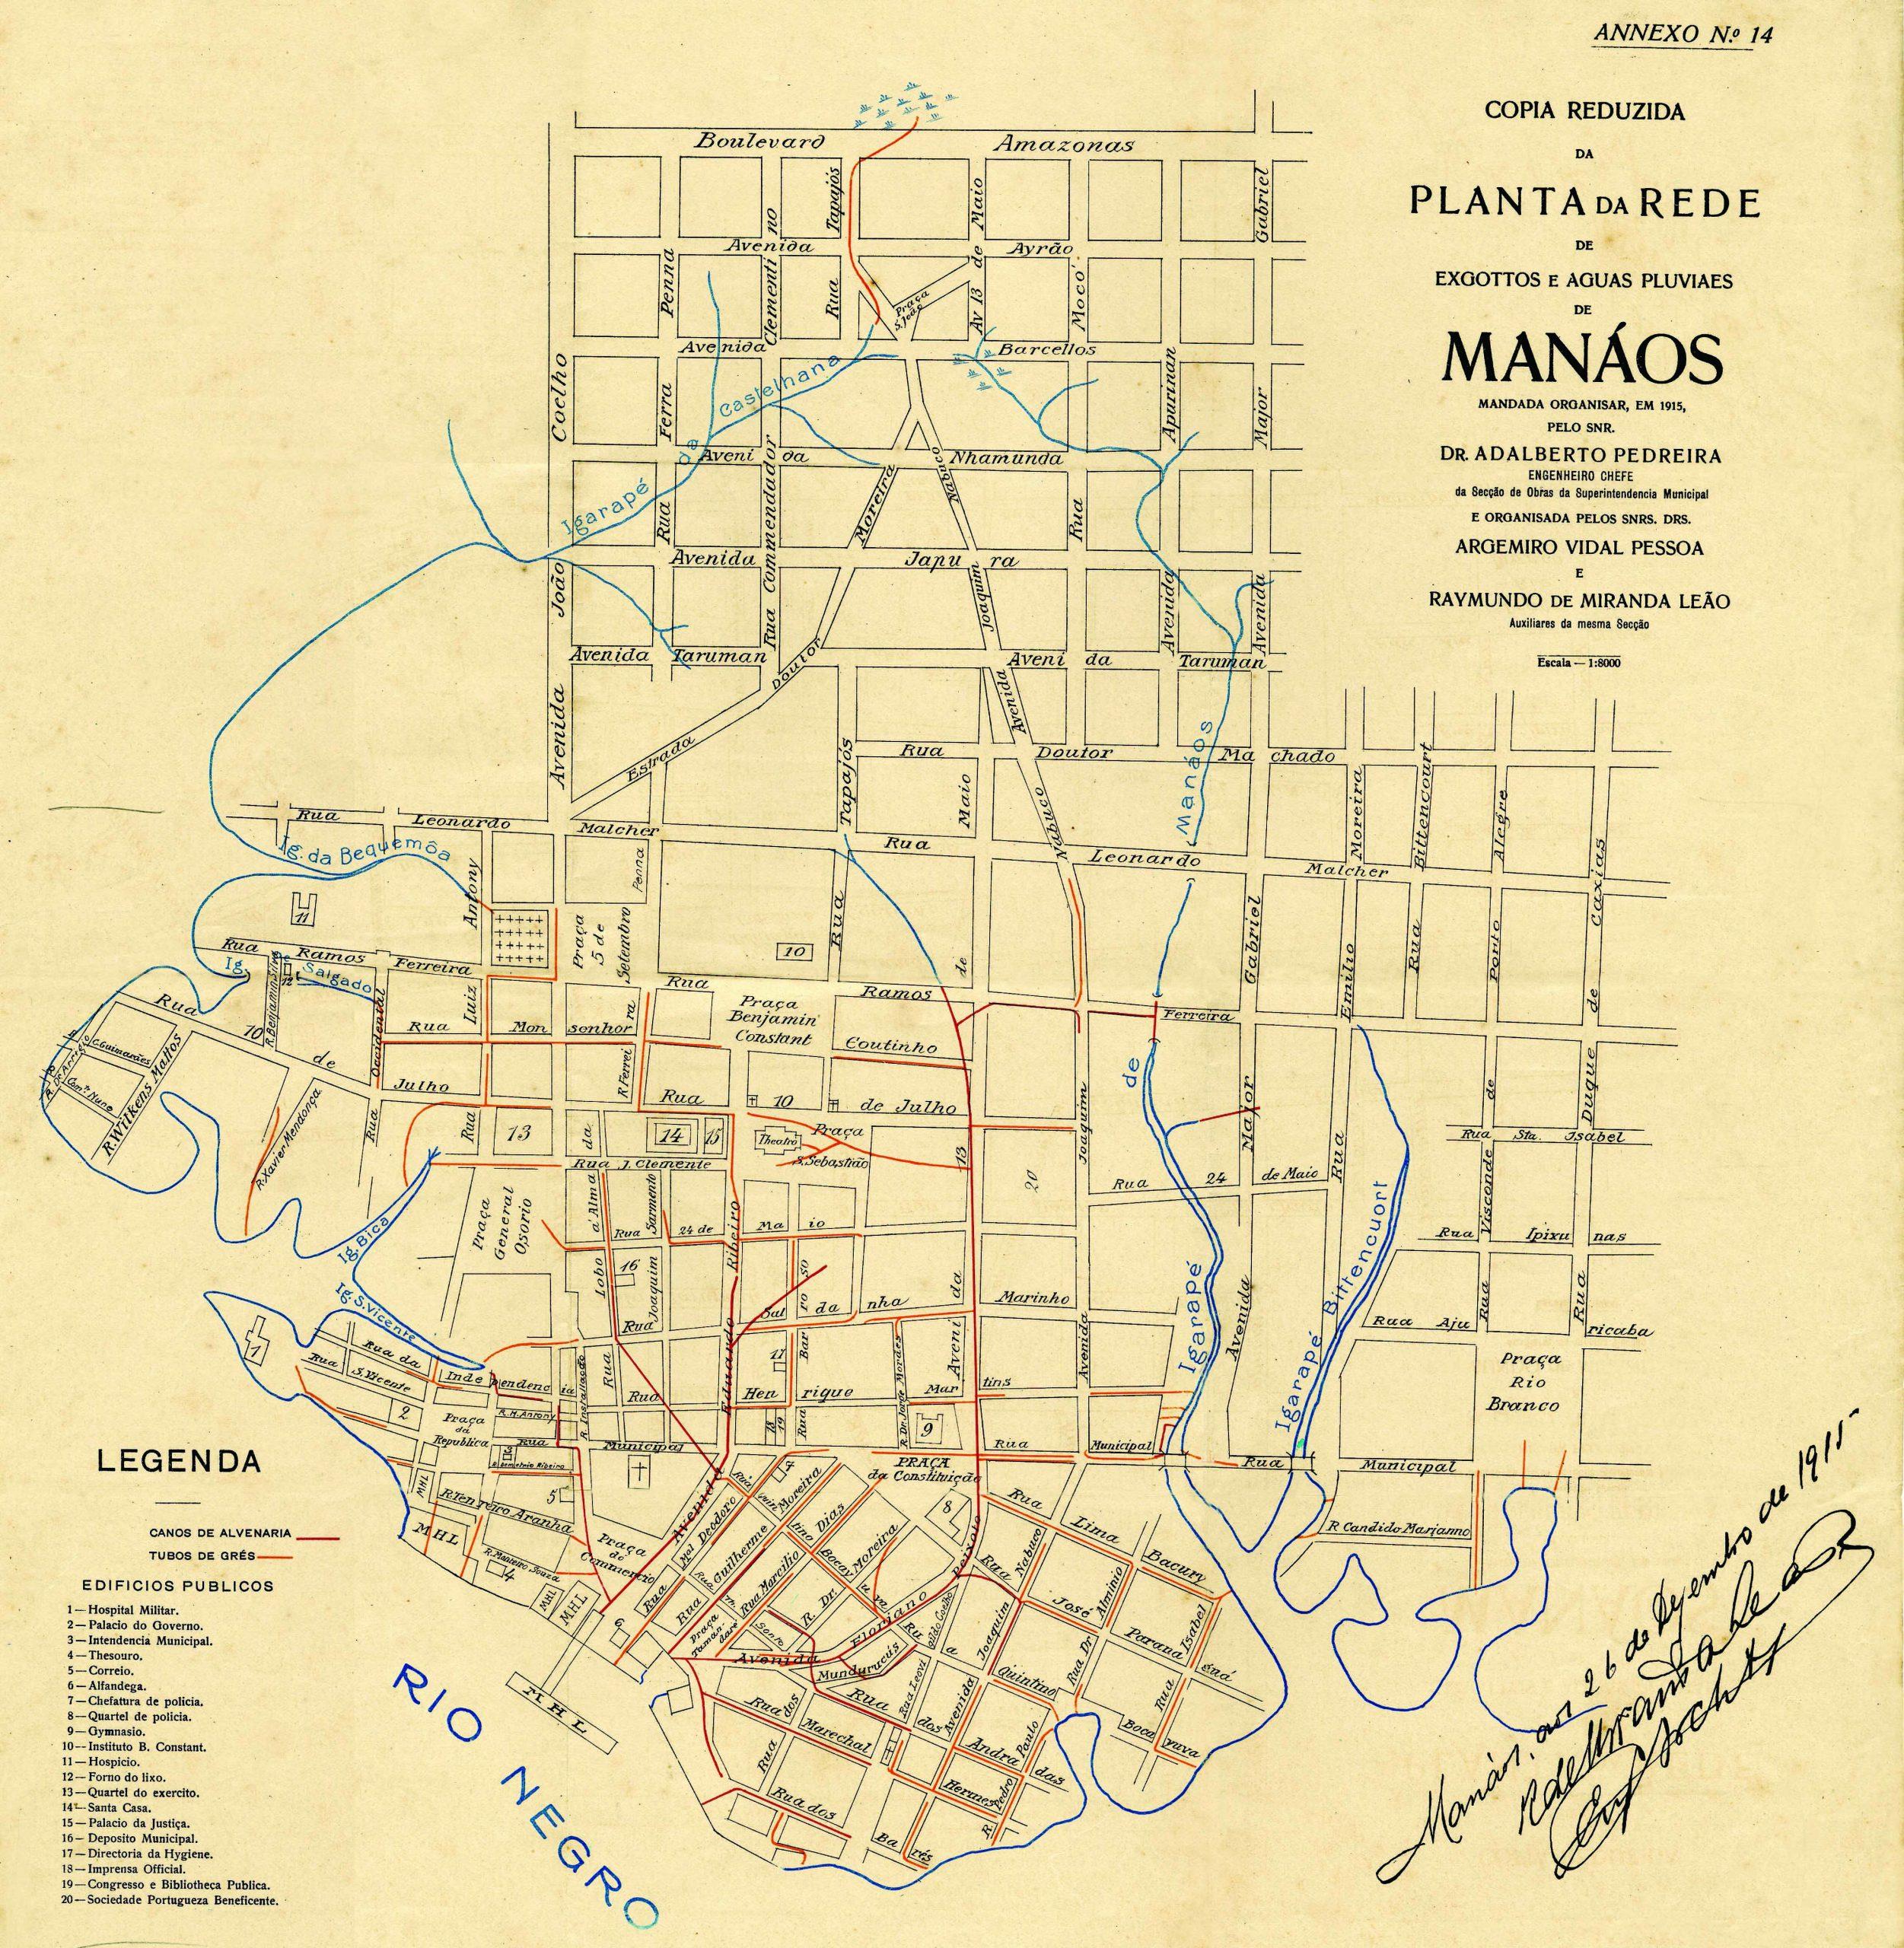 Planta da Rede de Esgotos e Água Pluviais de Manáos